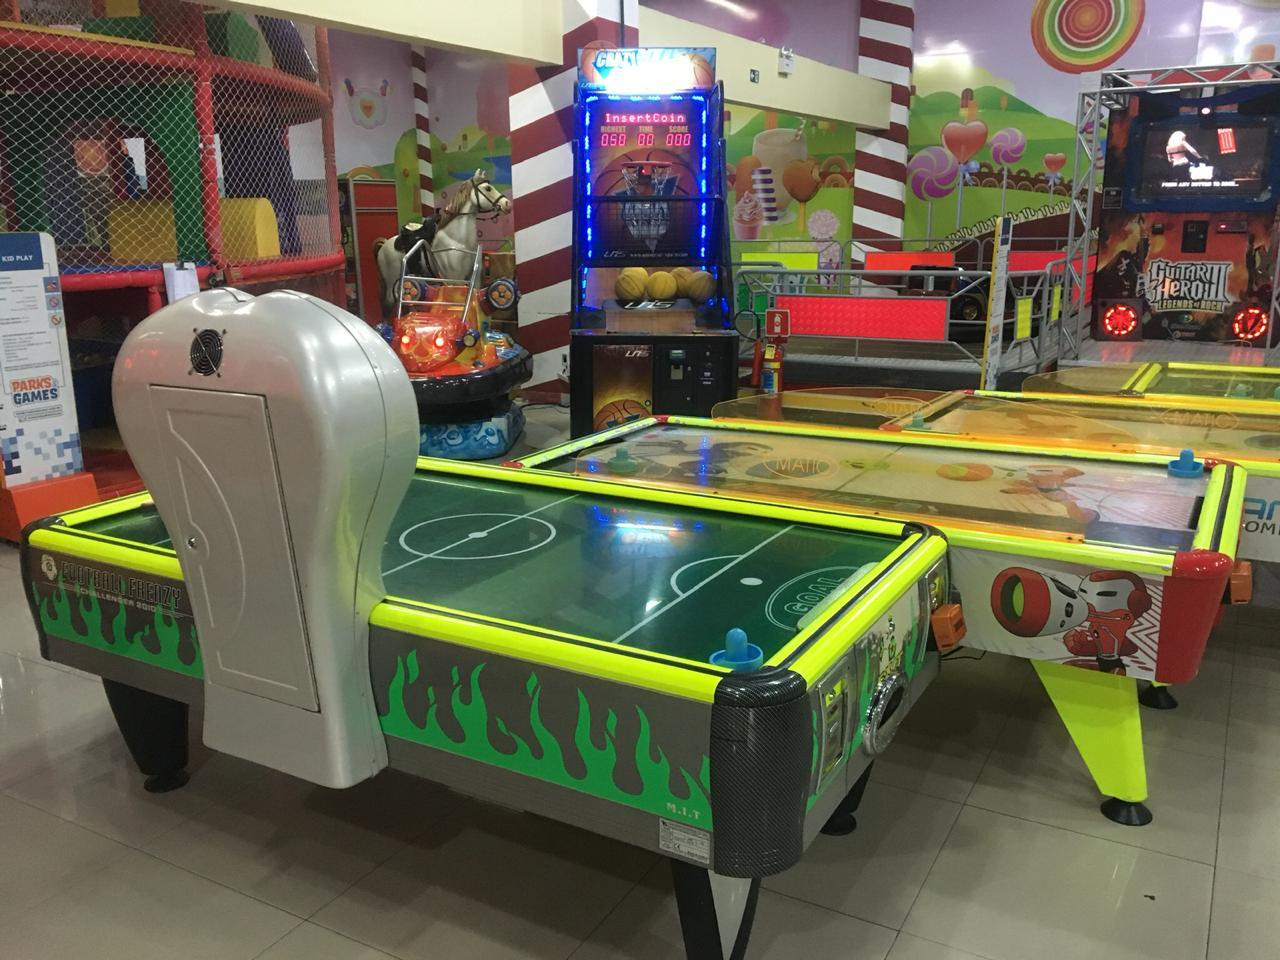 Ecotuminha e Parks & Games Iguatemi apresenta nas férias de Dezembro e Janeiro: 01 Kit Eco Turminha (Livrão de atividades e DVD) + Cartão com R$50 reais em bônus no Park & Games de R$65 por apenas R$40. Válido para Shopping Iguatemi!